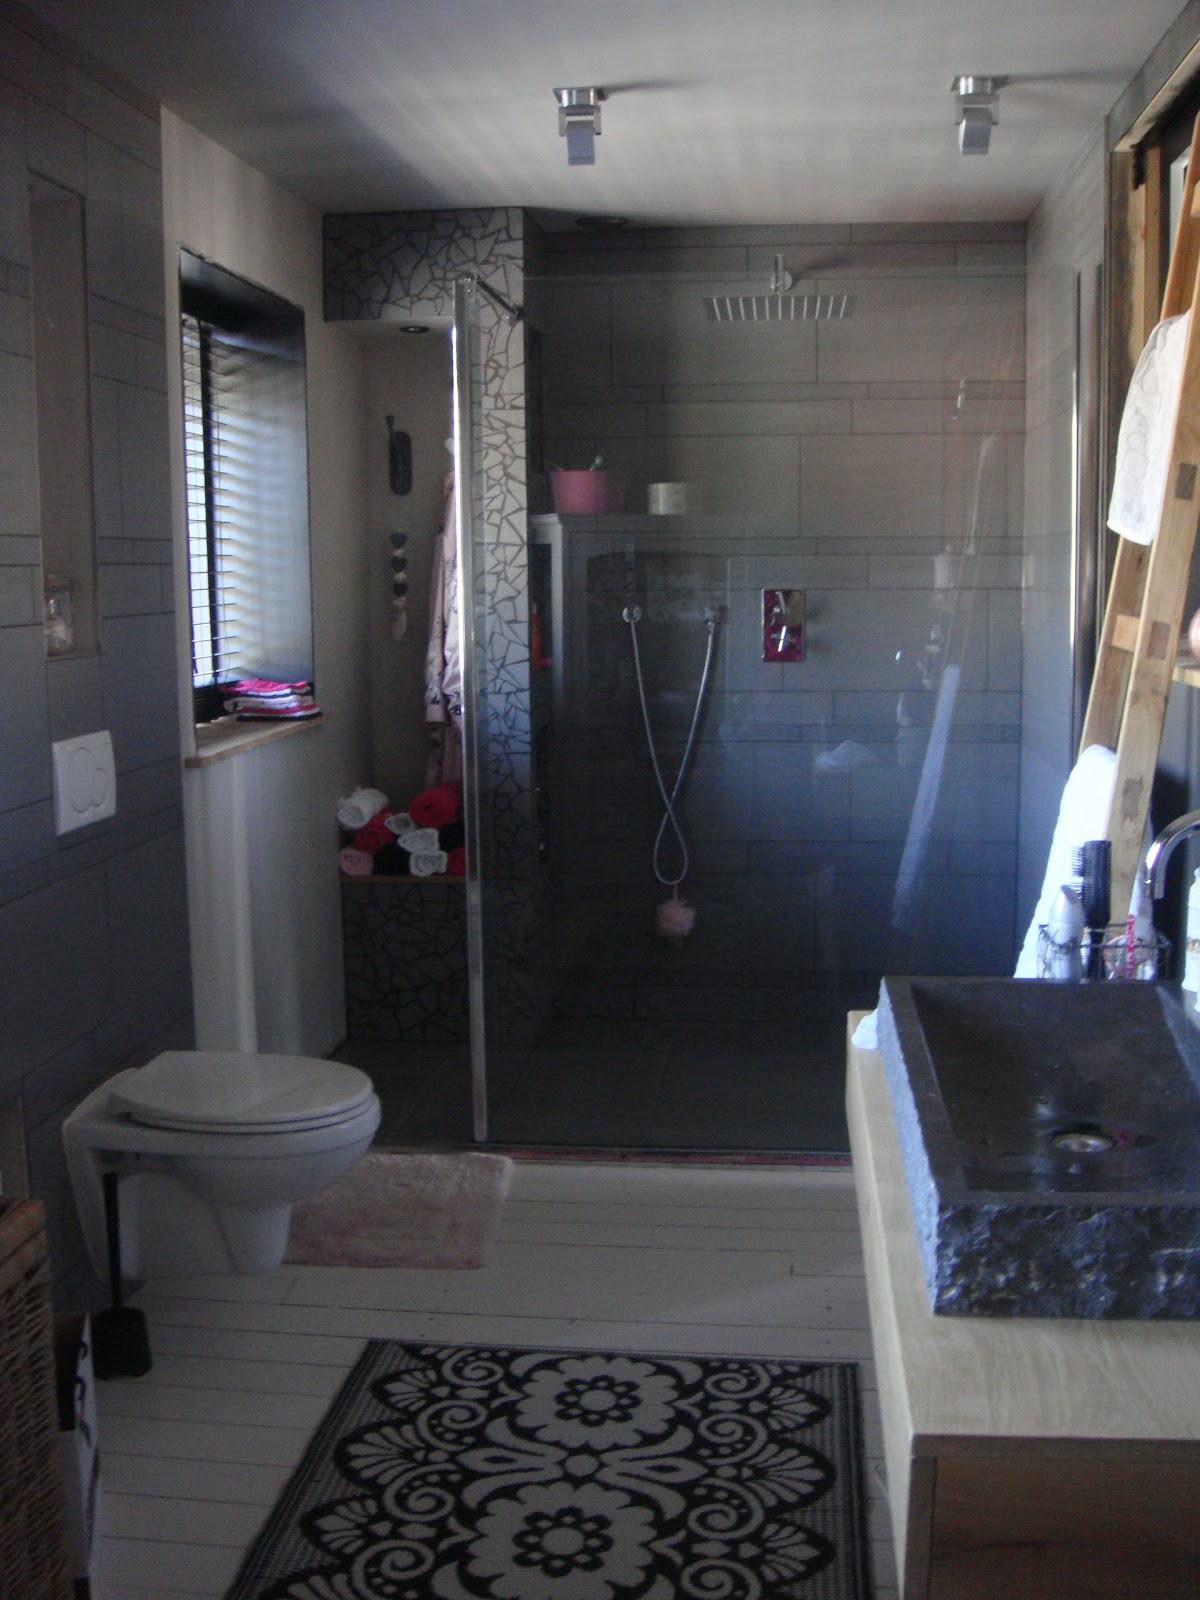 Badkamer Hammam Stijl ~ Mijn huis, Mijn leven! Onze Hamam Relax badkamer!